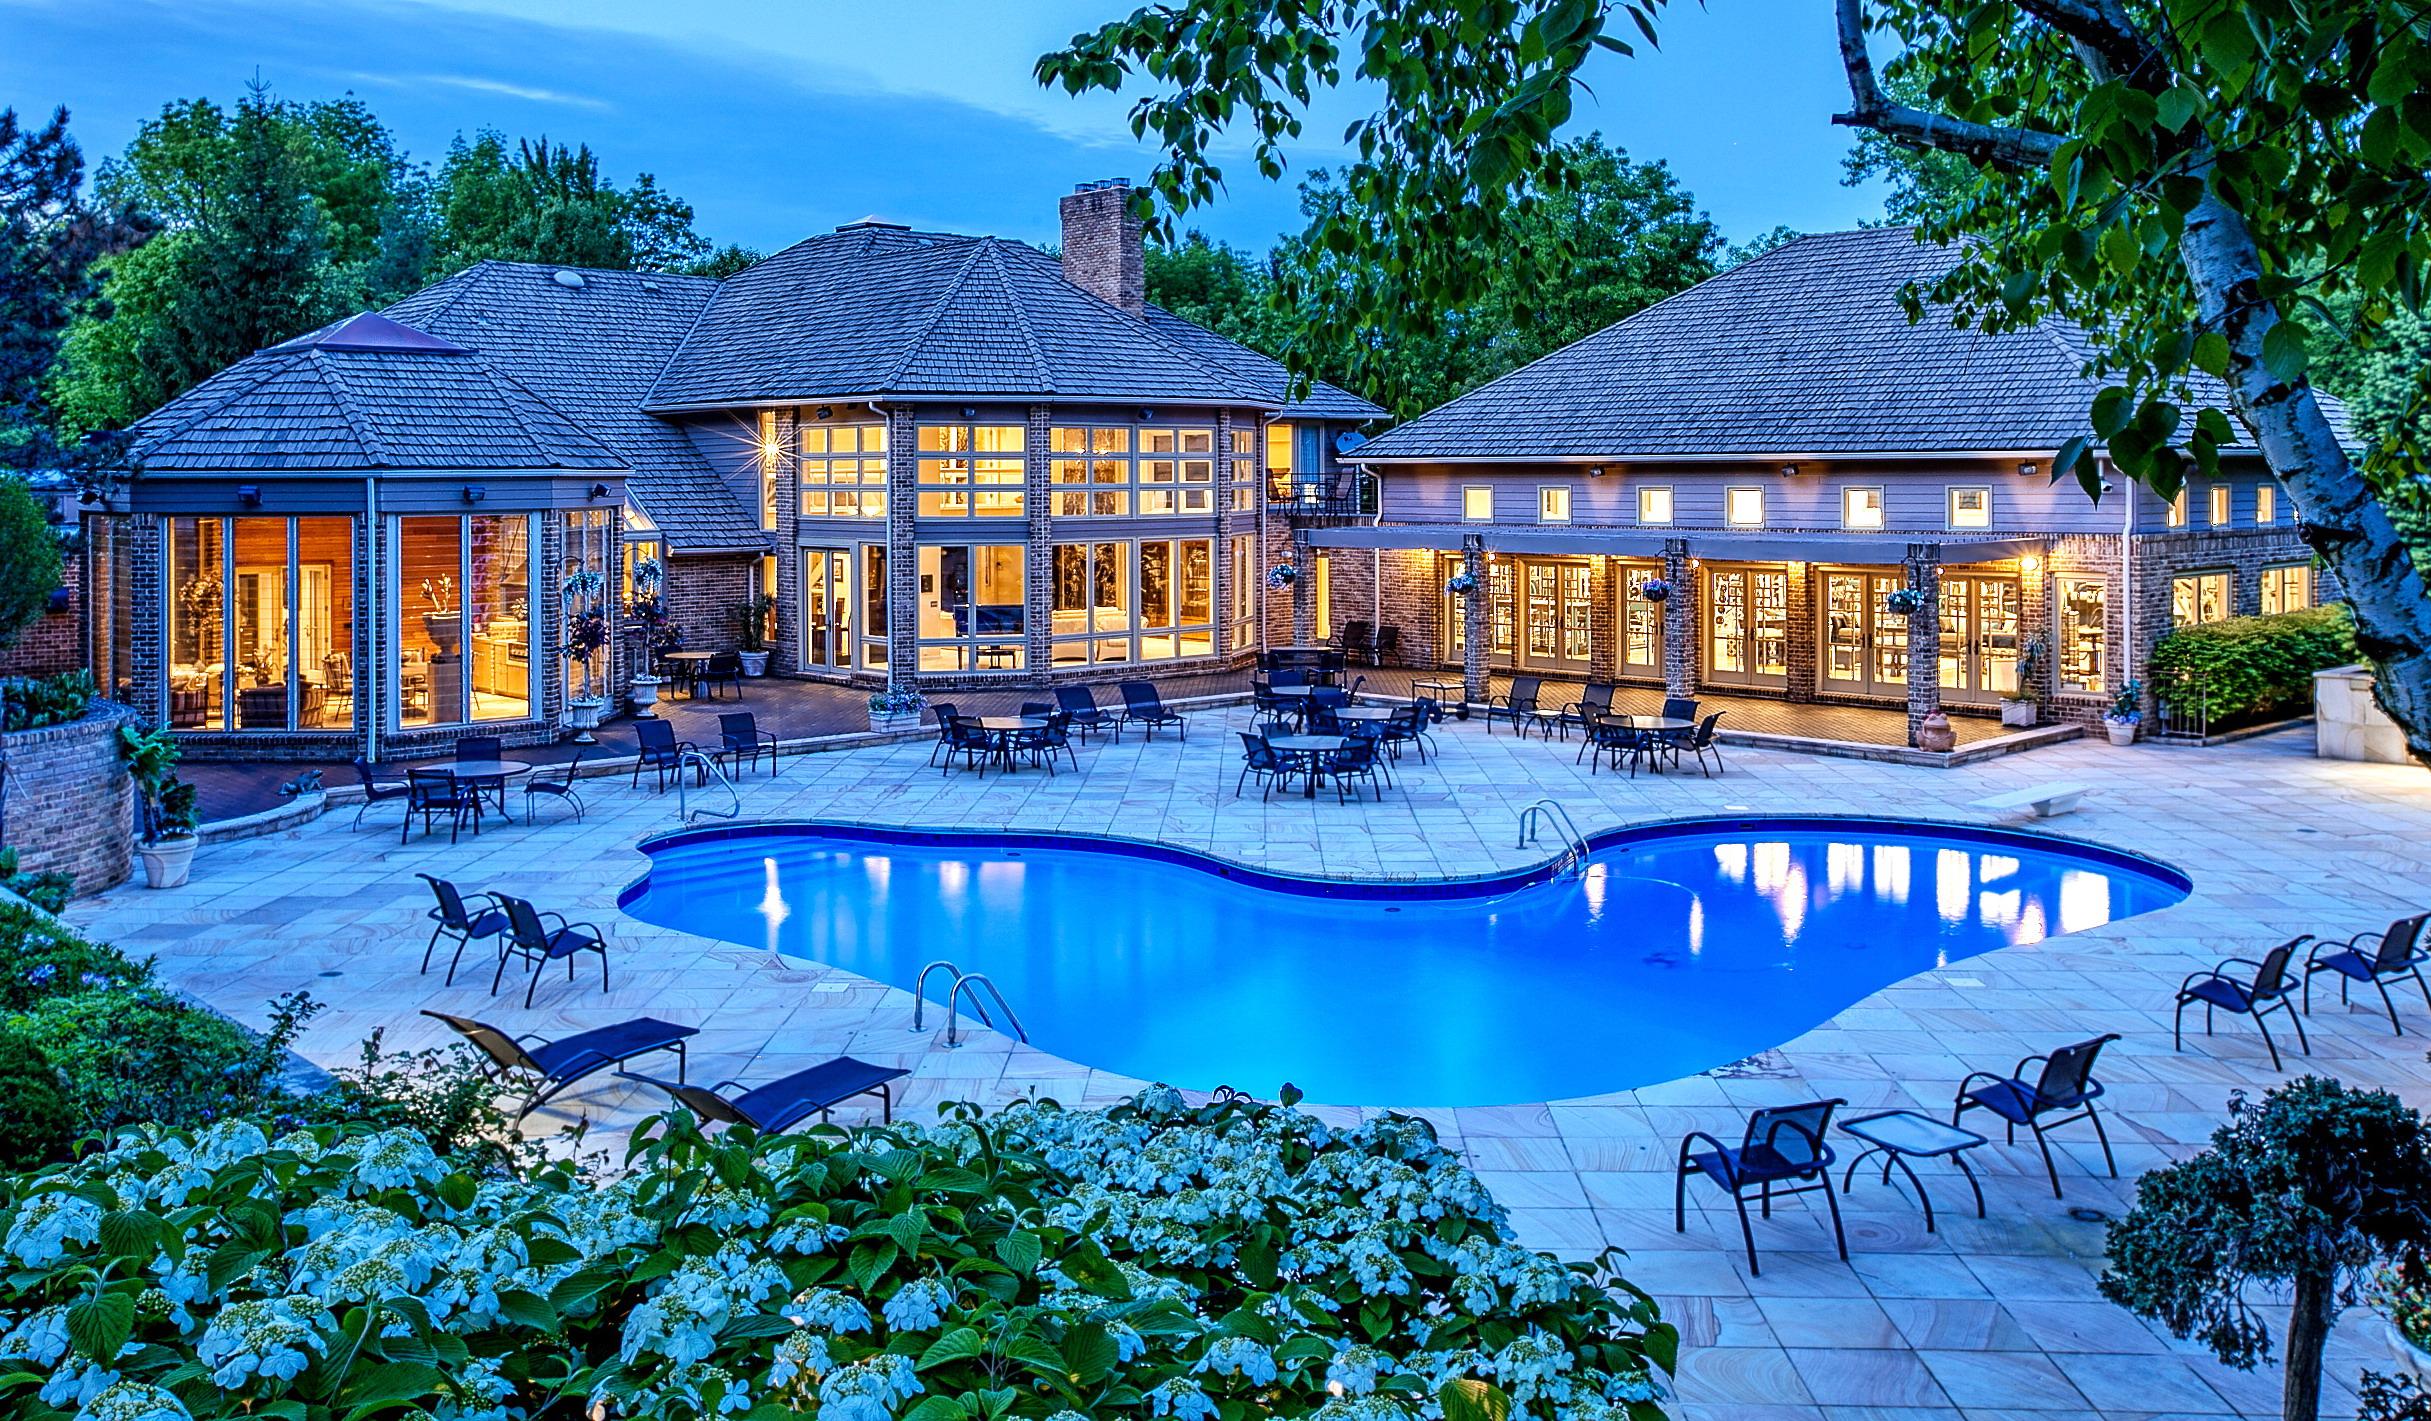 Moreland Hills Luxury Estate Offered Through Interluxe